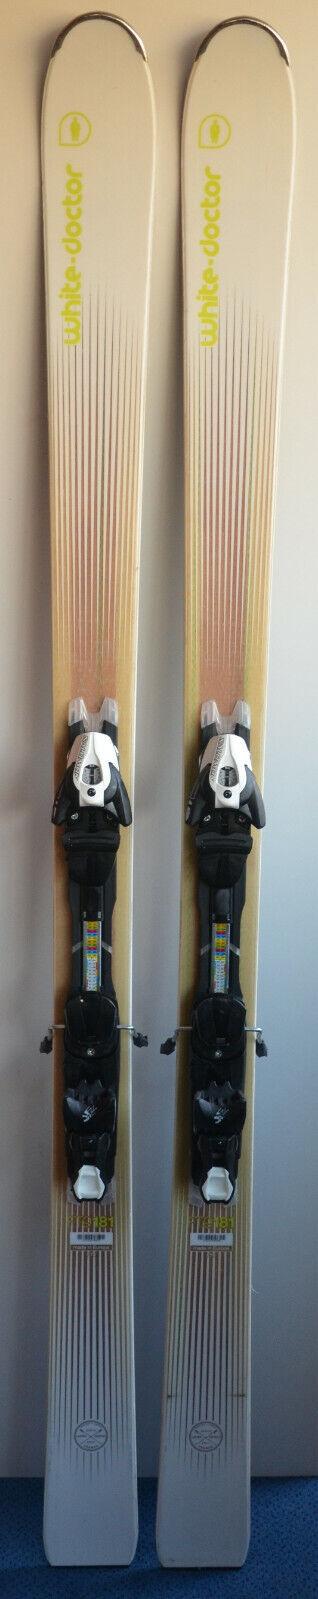 Esquís parabólico usado blancoO MÉDICO FT9 + Fijaciones - 181cm